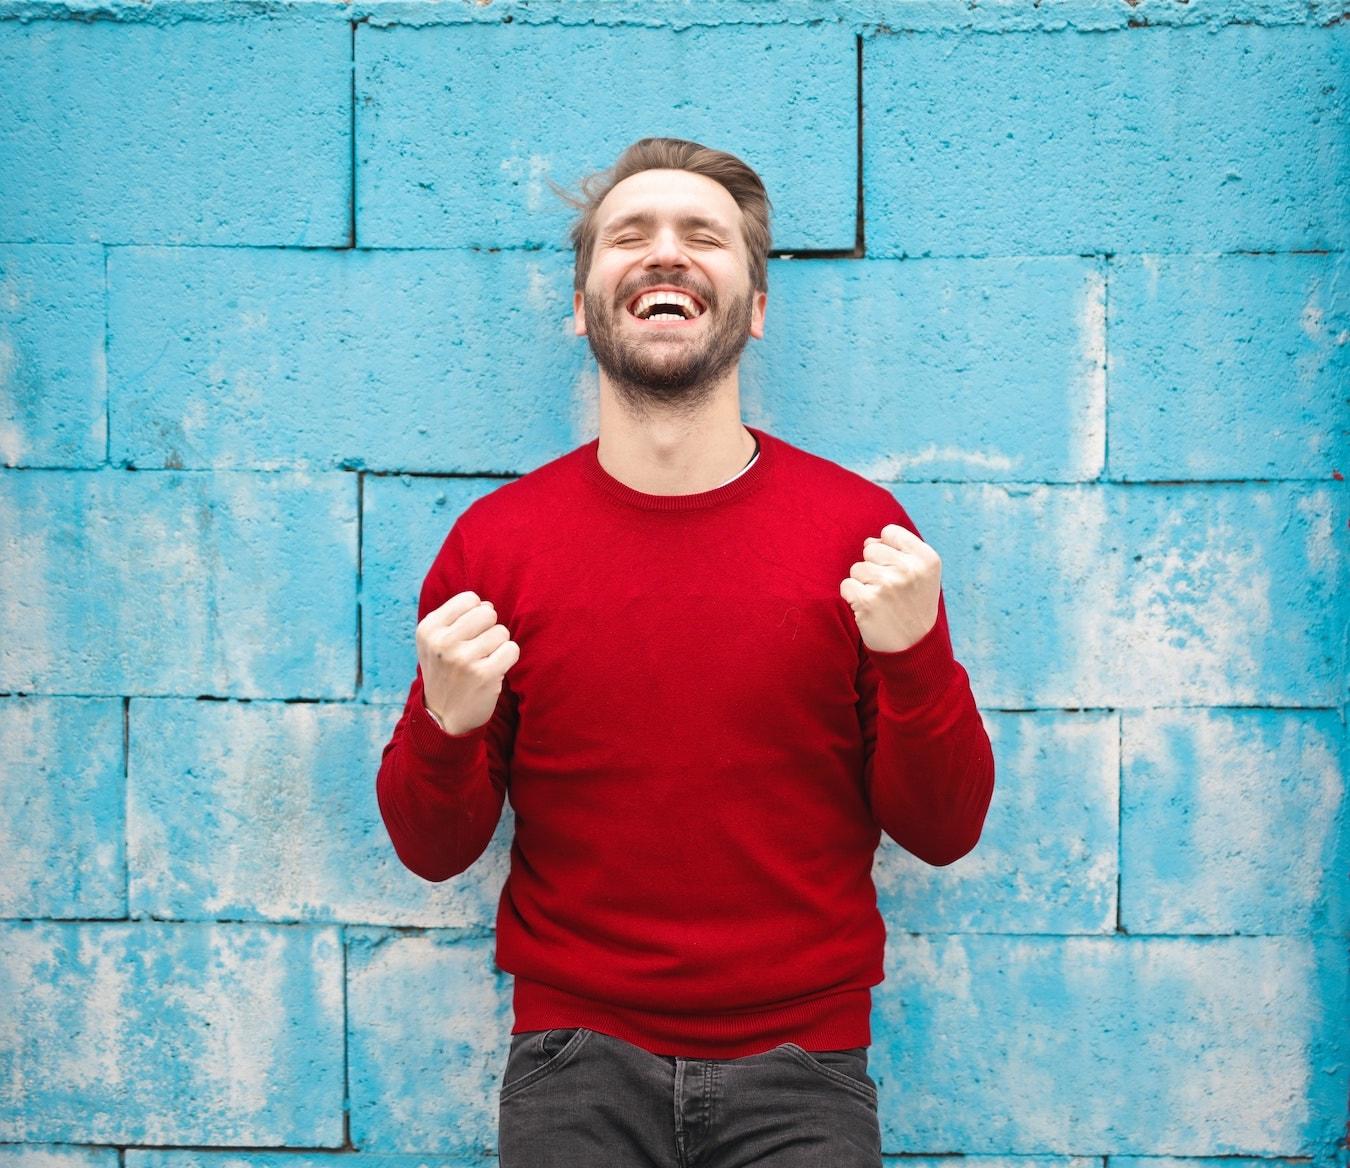 junger Mann im roten Pullover lächelt selbstsicher und selbstbewusst